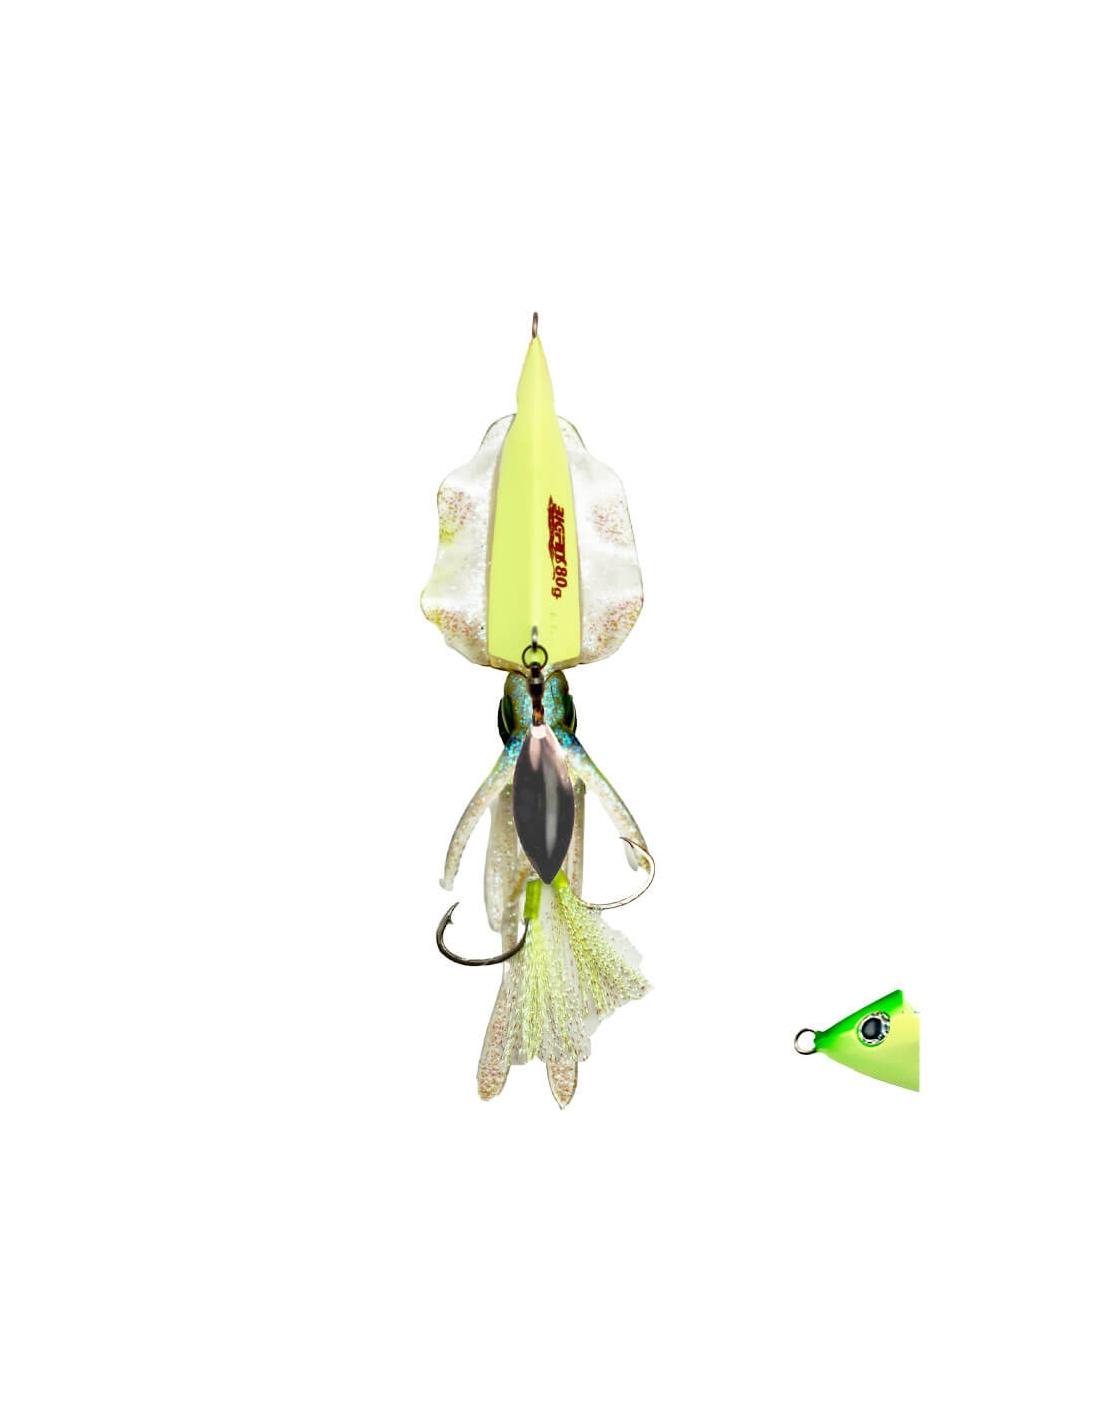 Señuelo Prohunter Big Fins Completo Cuerpo + Plomo 80g